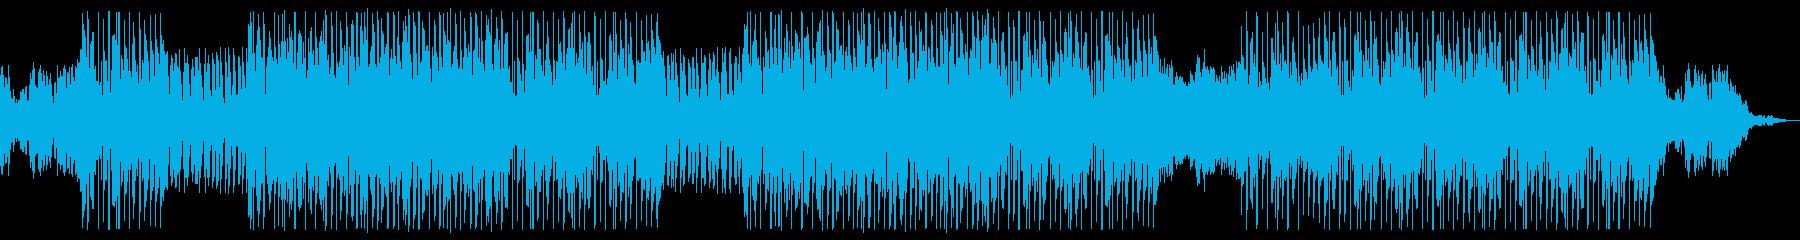 古き良き洋楽サウンドのビートの再生済みの波形